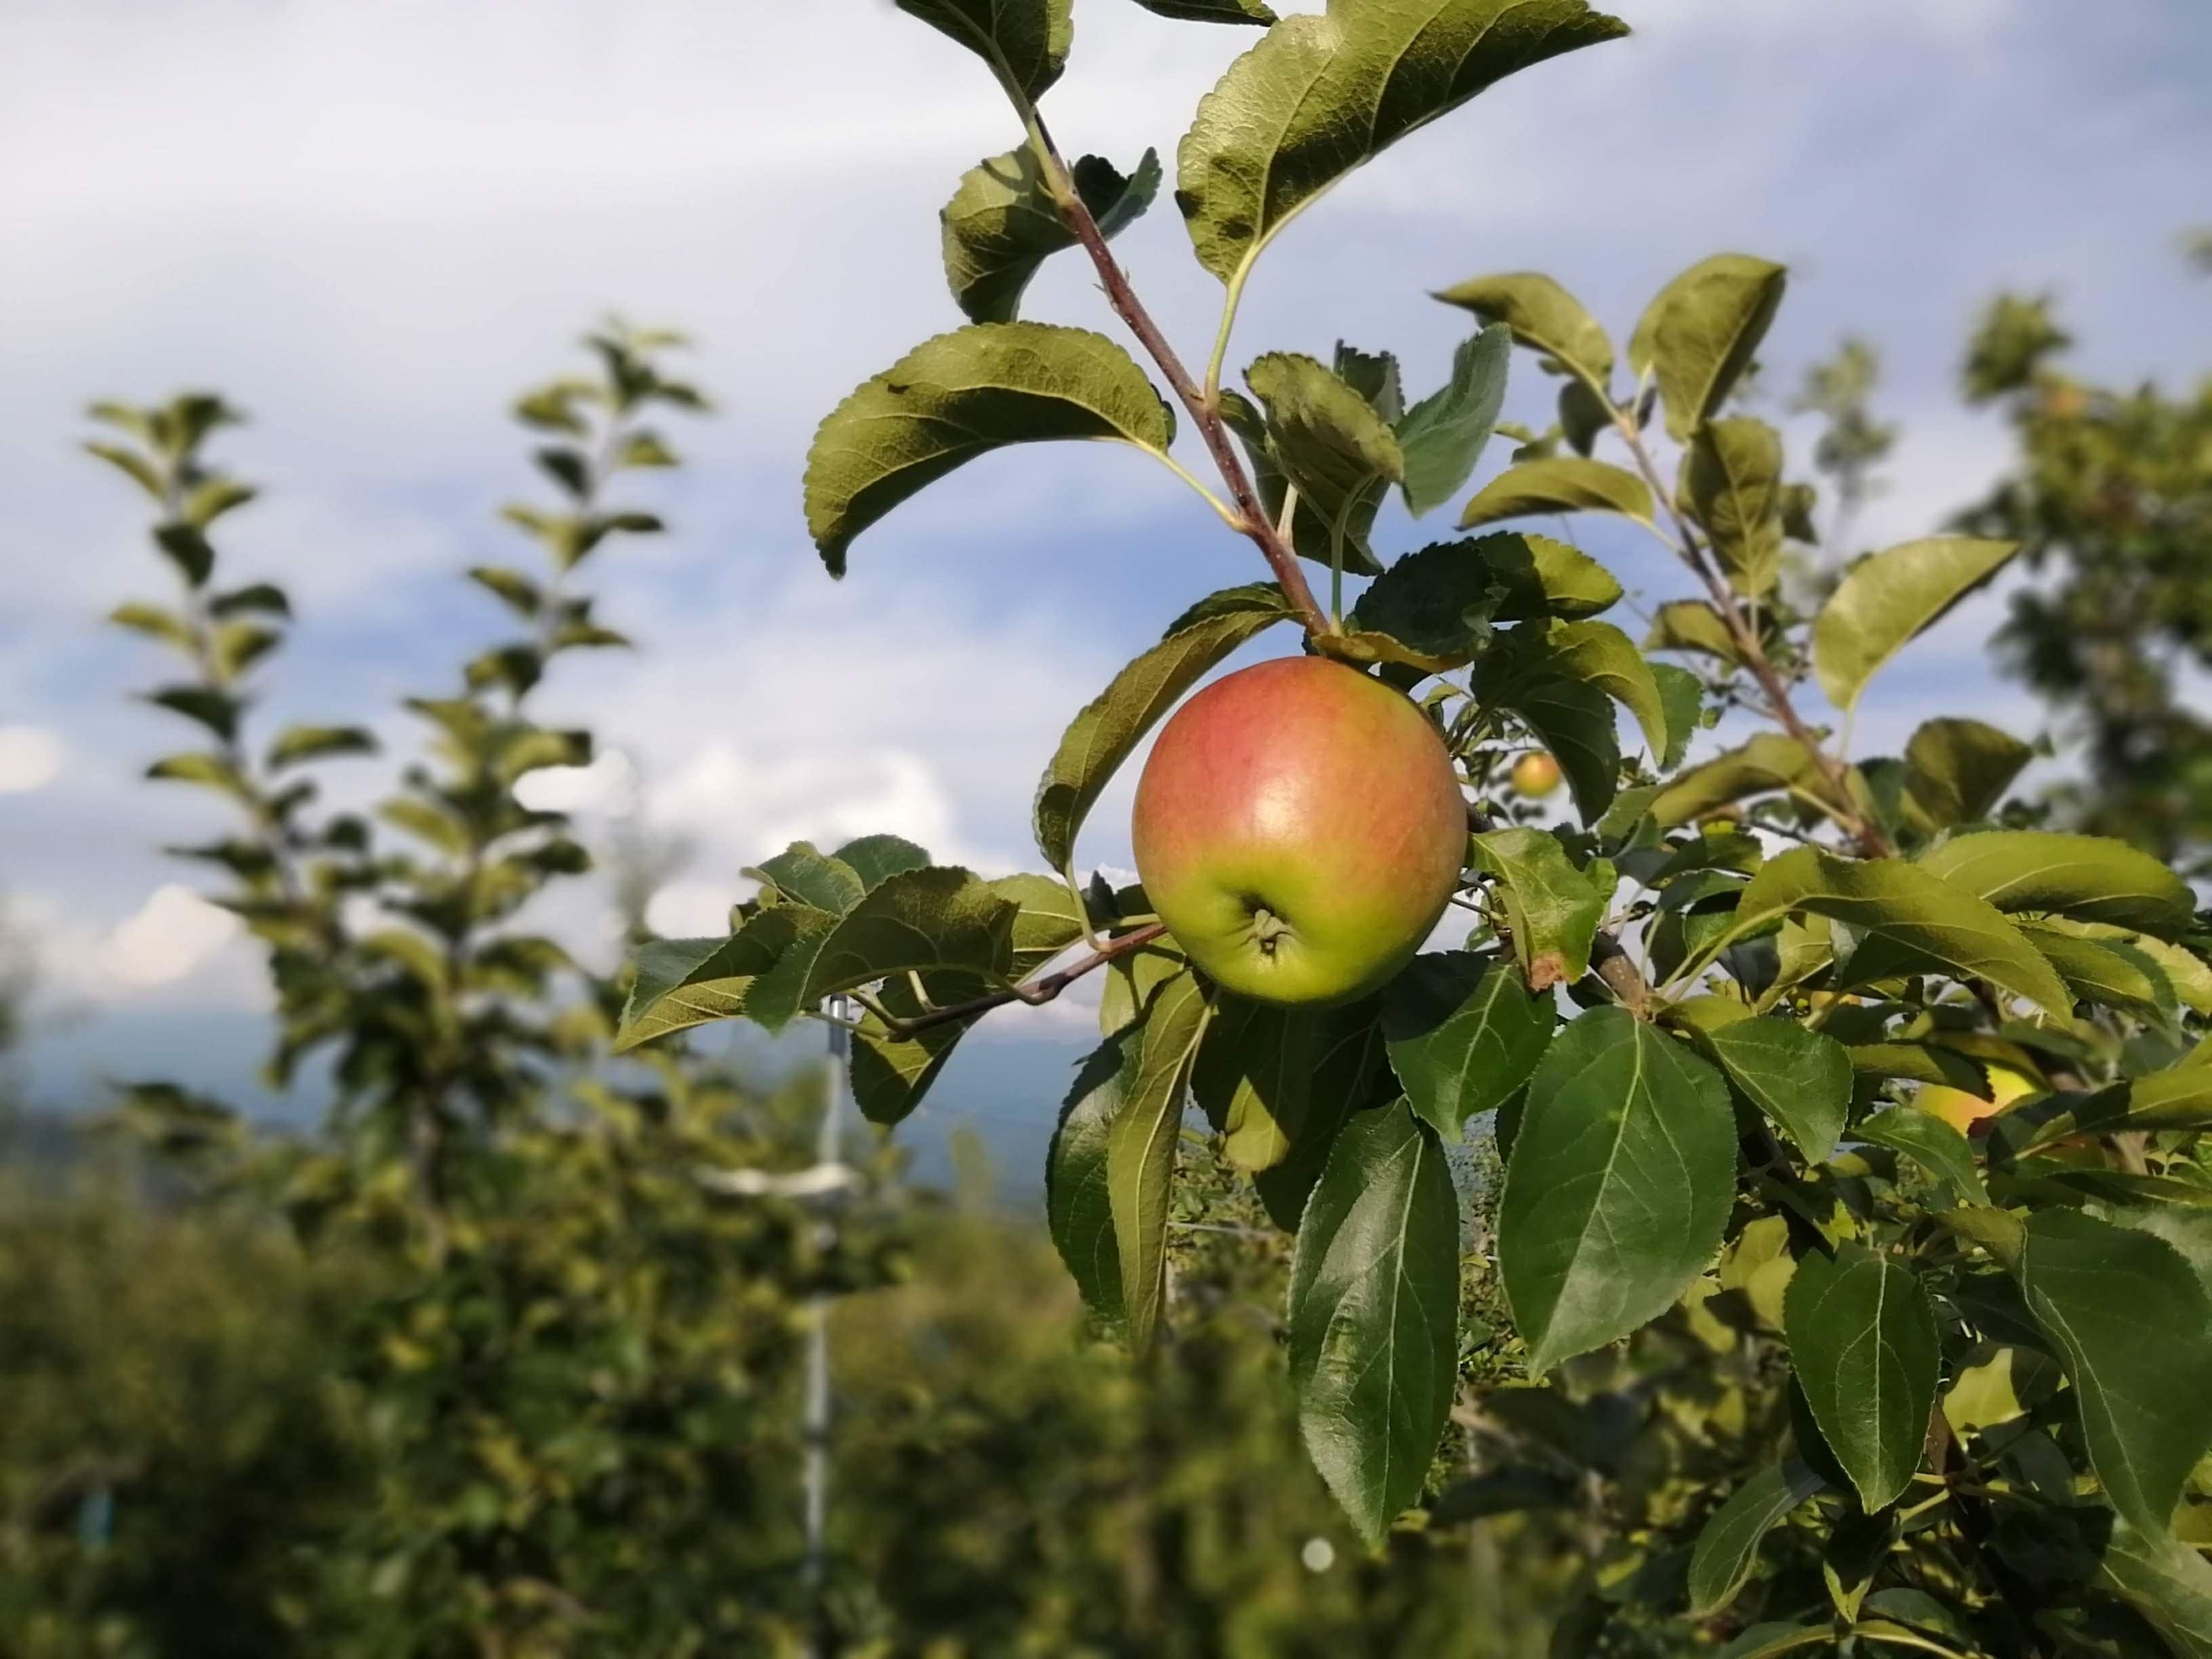 [5,000円]プロジェクト応援コース 農家さんの廃棄するりんごの買い取りにご支援をお願いします!のイメージその2